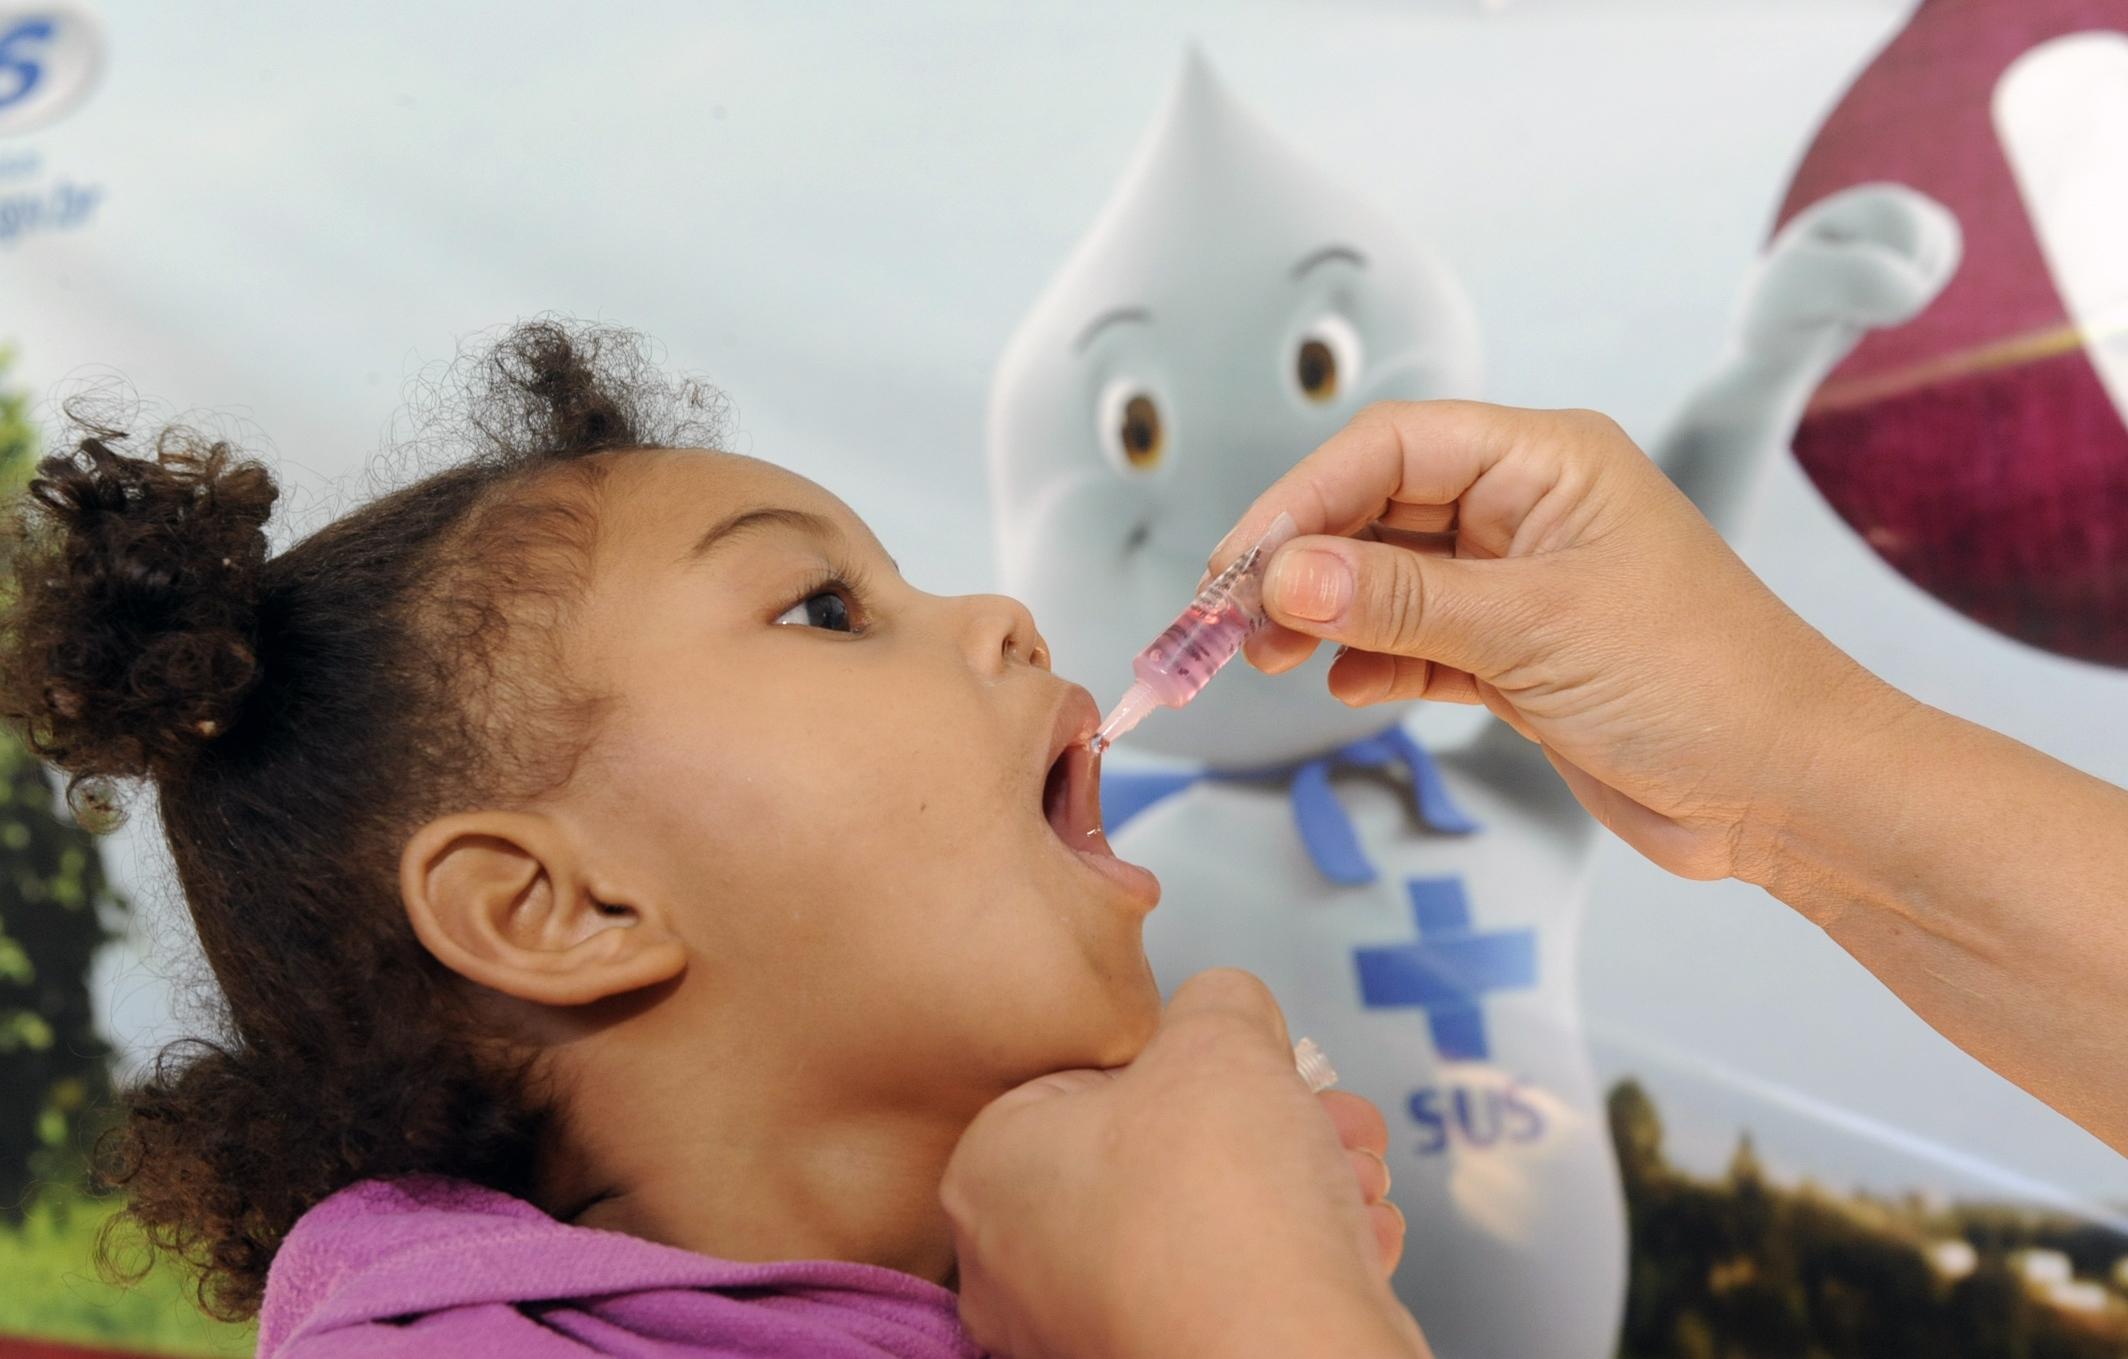 municipios-do-norte-de-minas-superam-a-meta-de-vacinacao-contra-a-paralisia-infantil